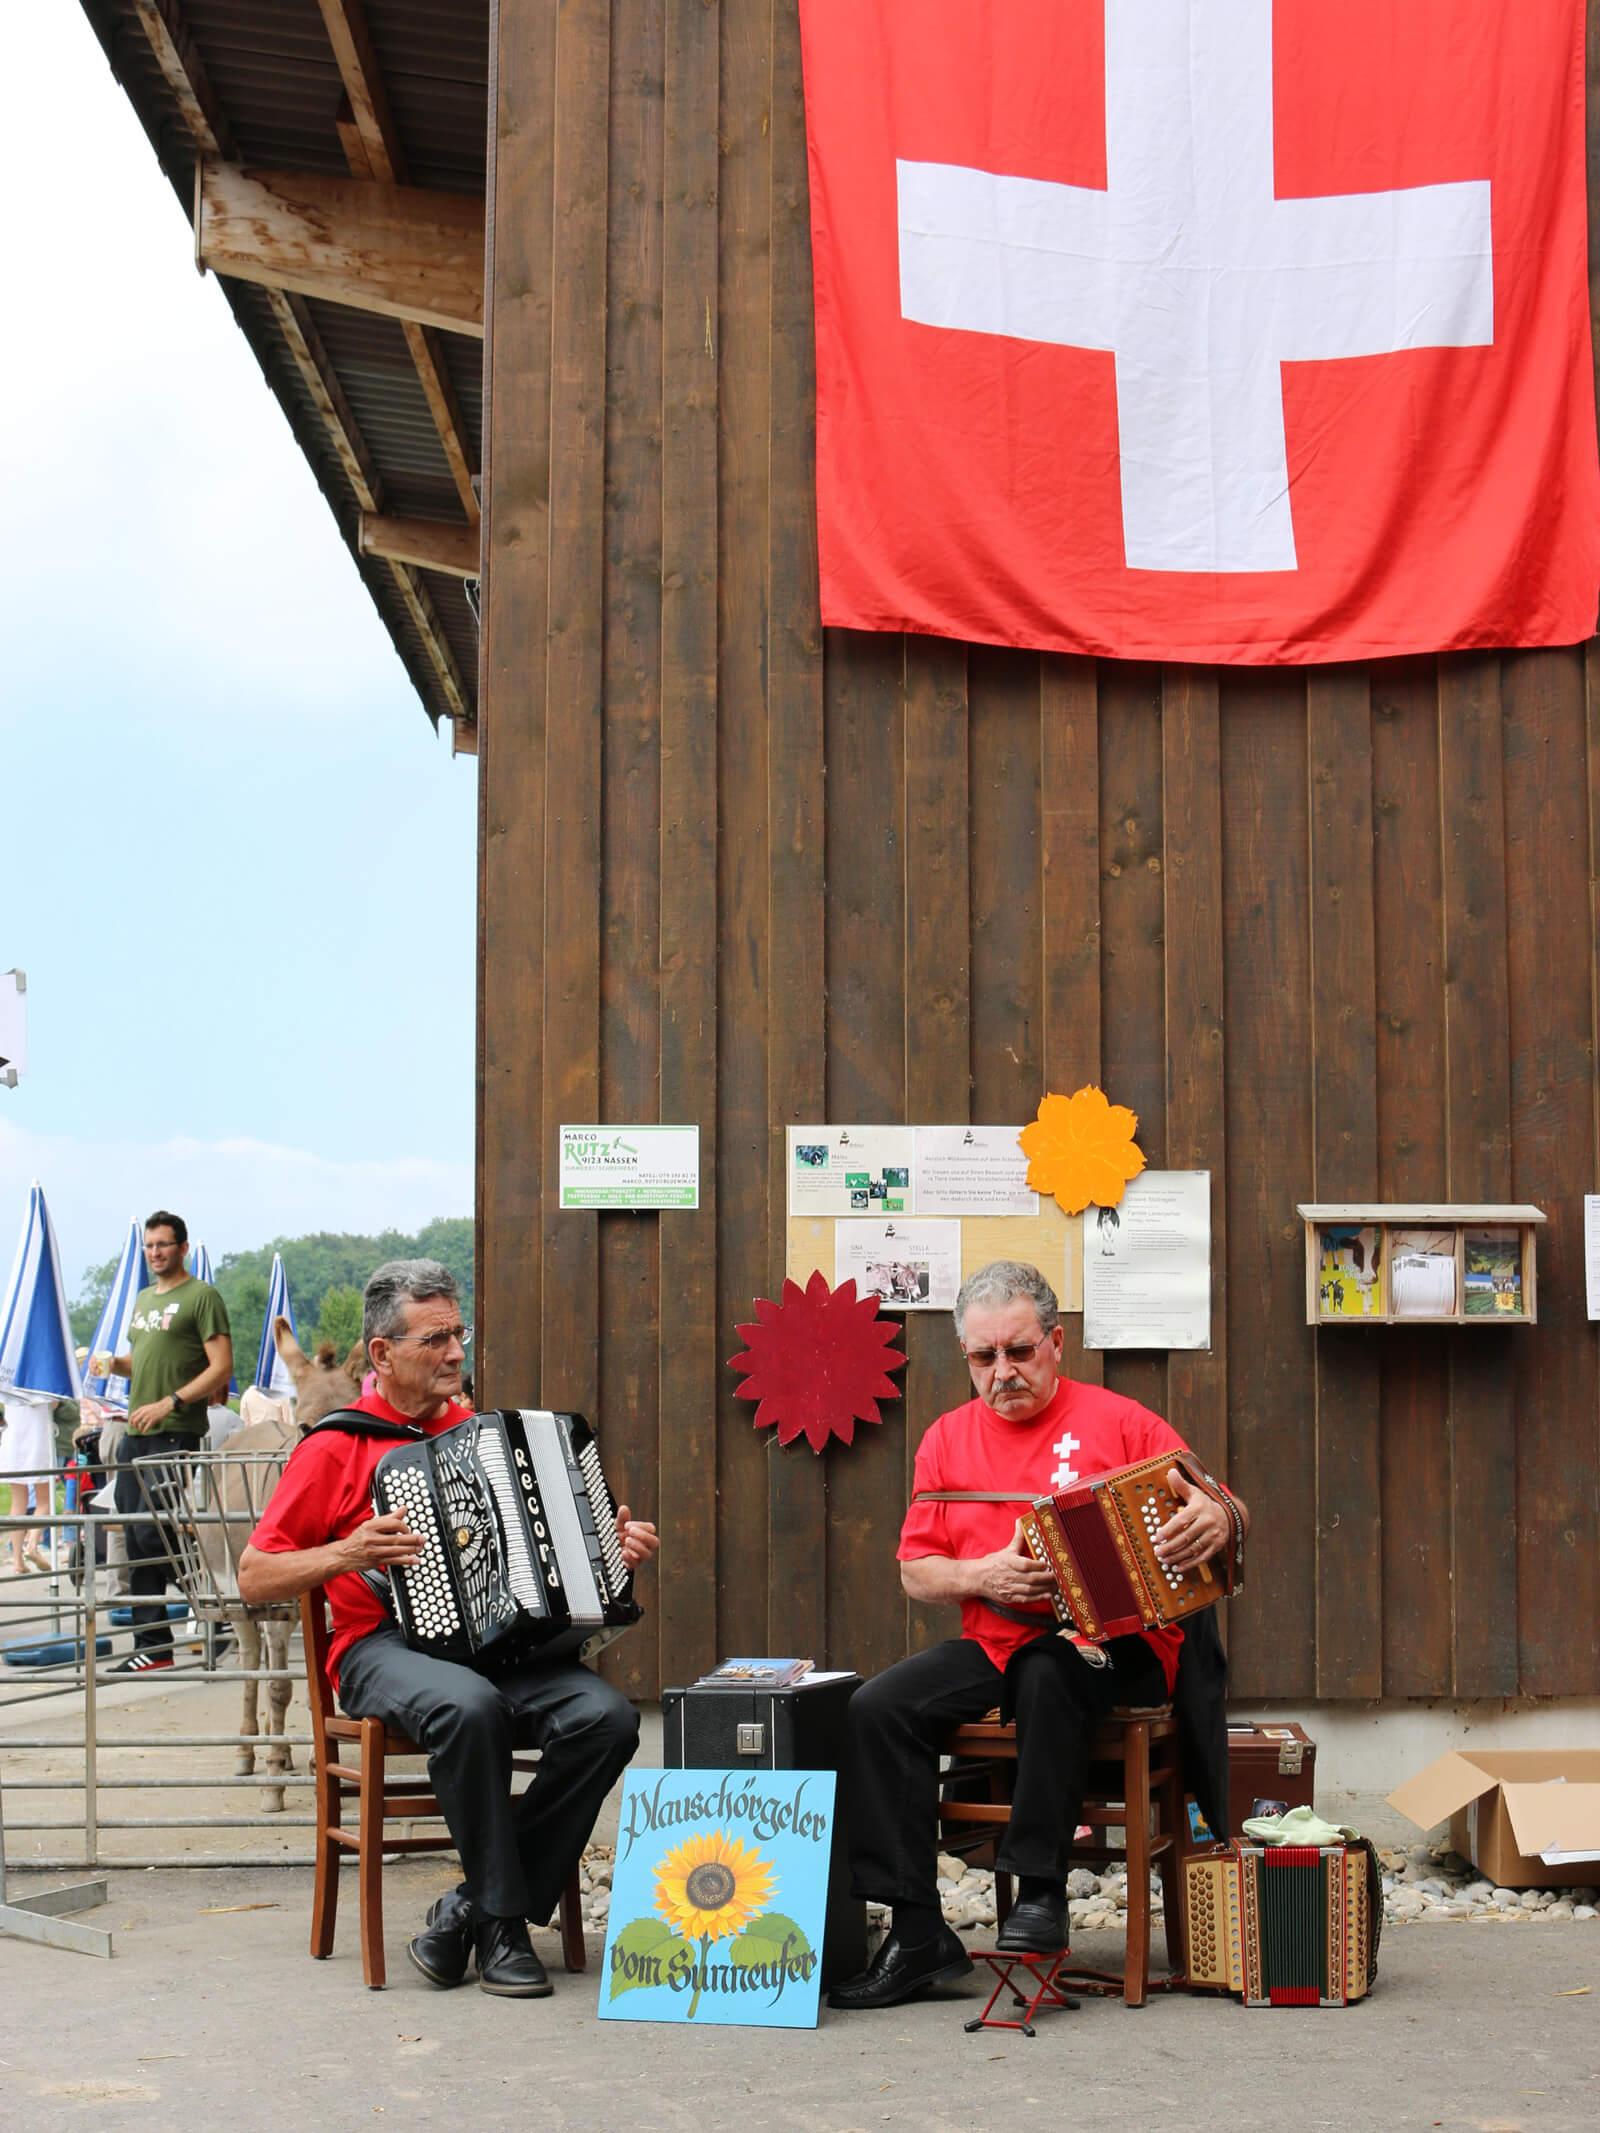 Hòa nhạc Harmonica Ngày Quốc khánh Thụy Sĩ